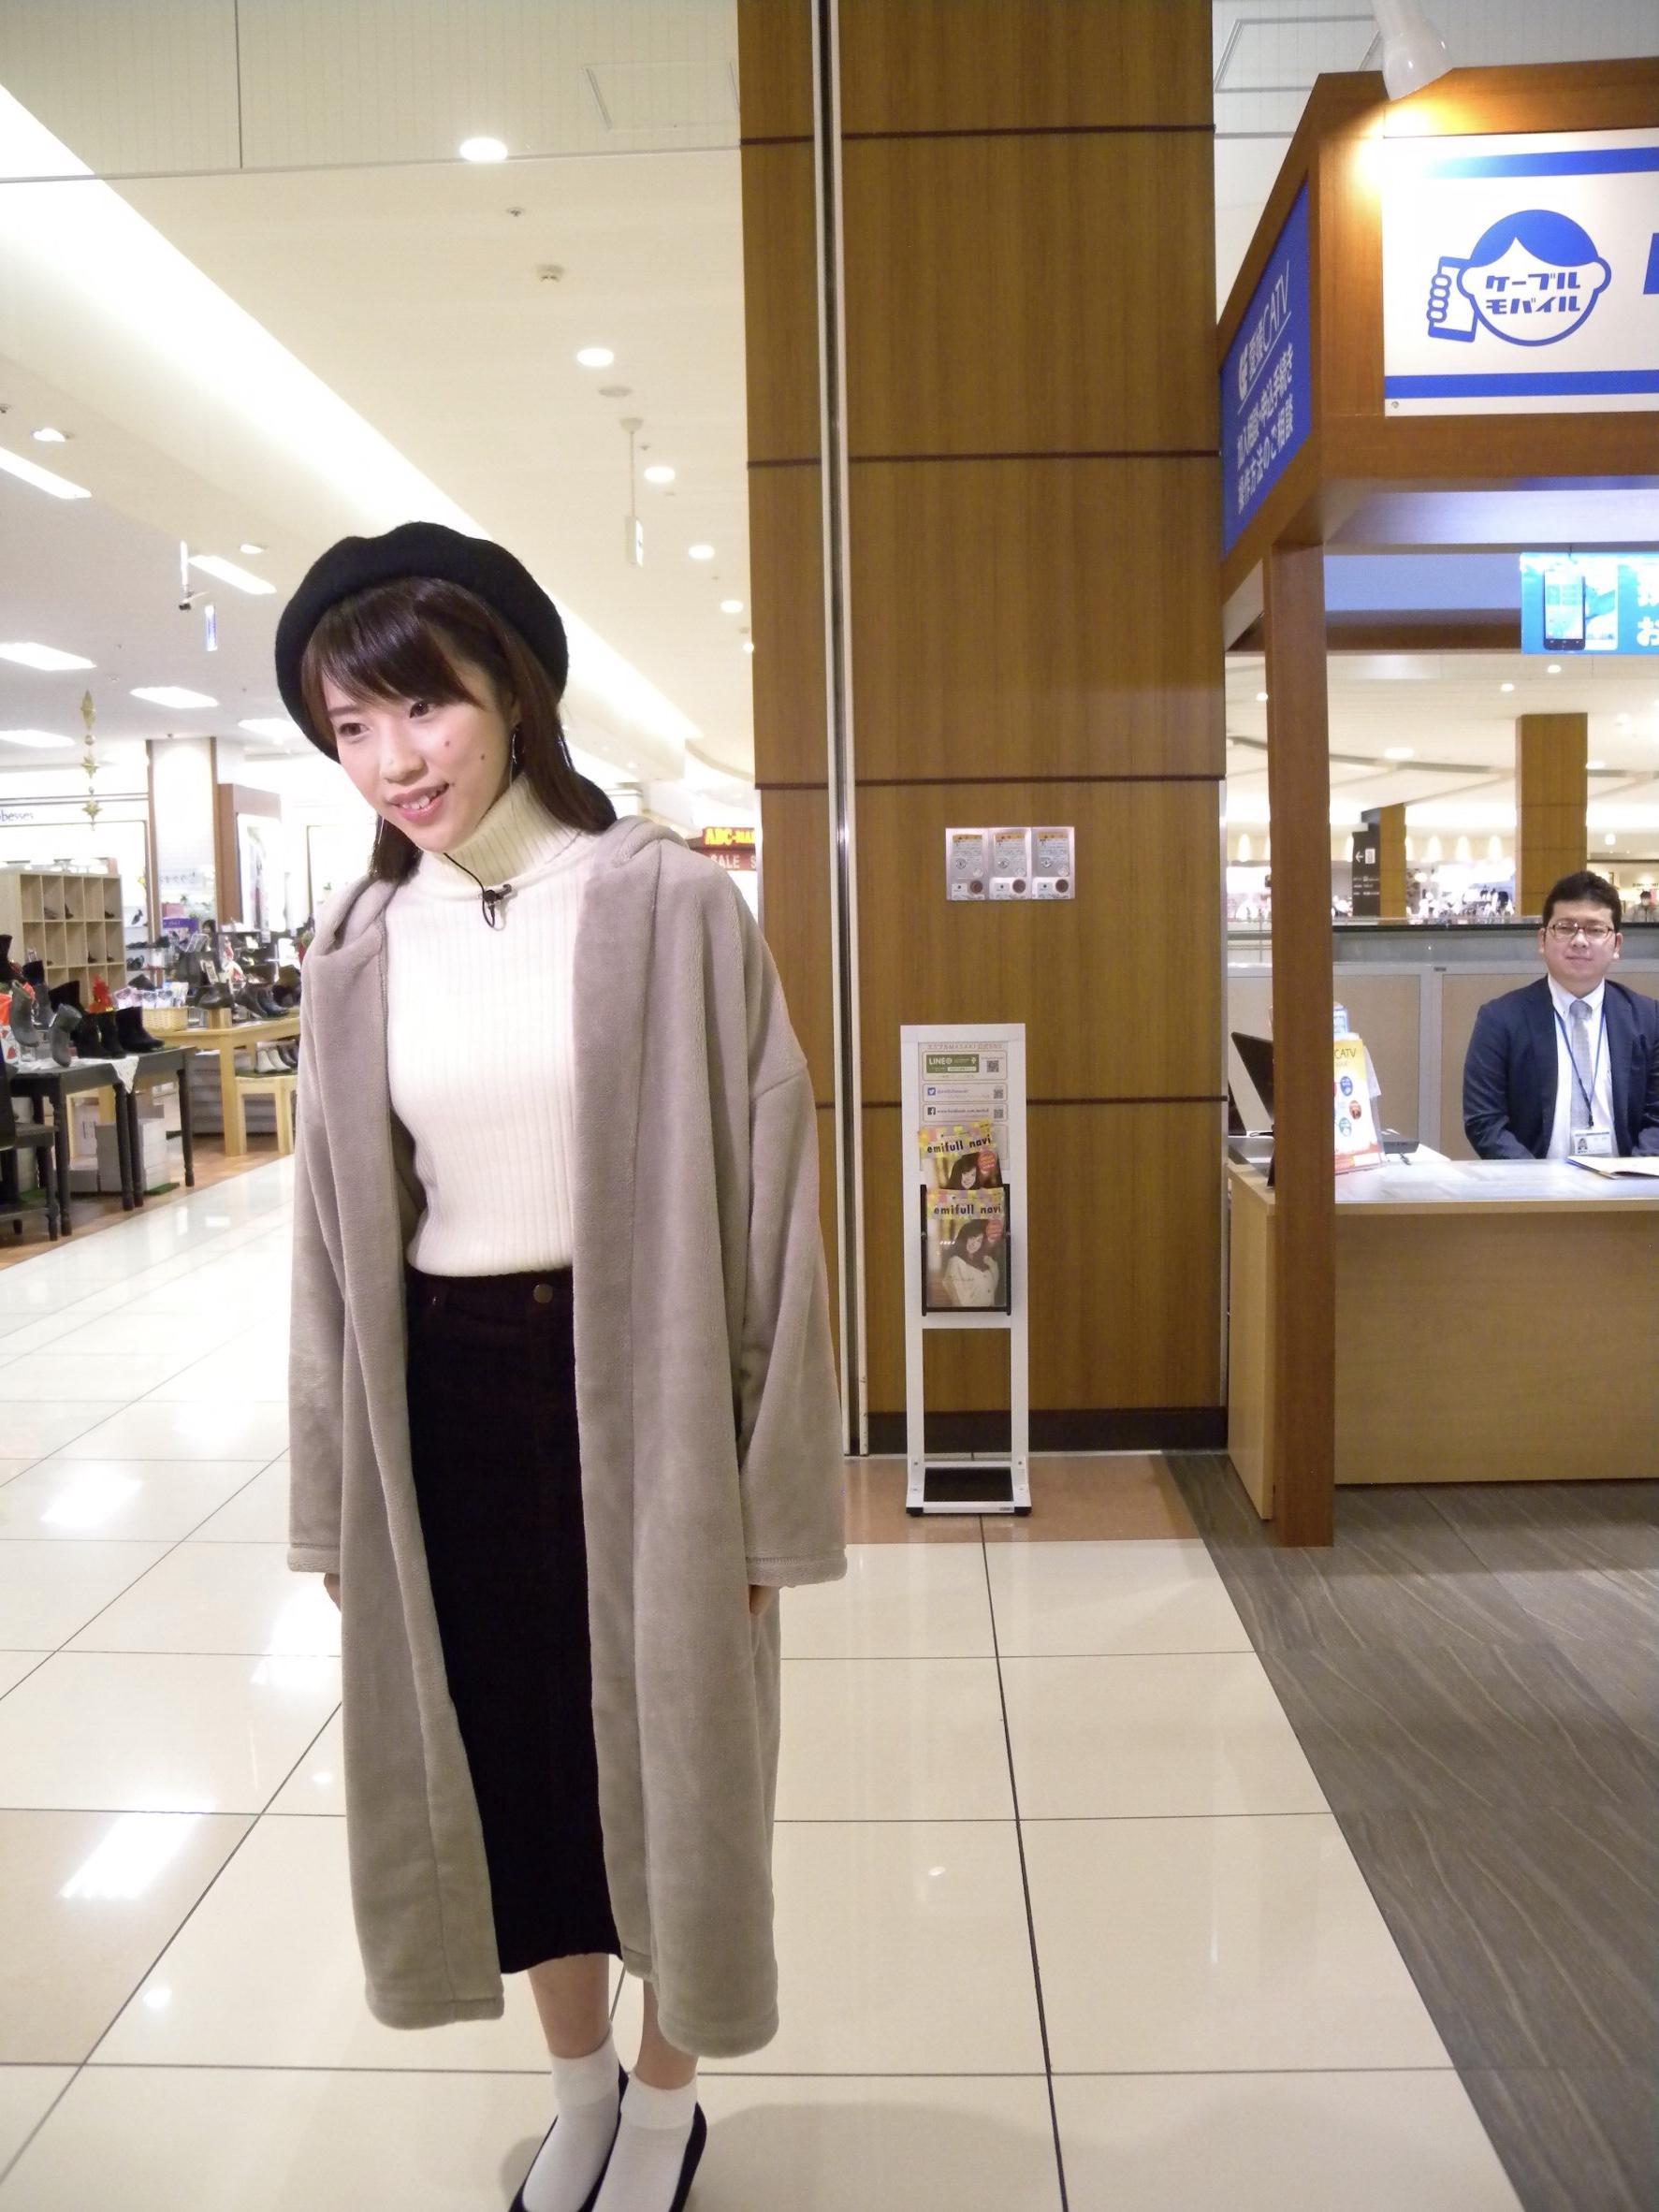 https://emifull.jp/emifulls_blog/11th/uploads/8fdaa052f247100e8d52e5f679f665a380c3194f.jpeg